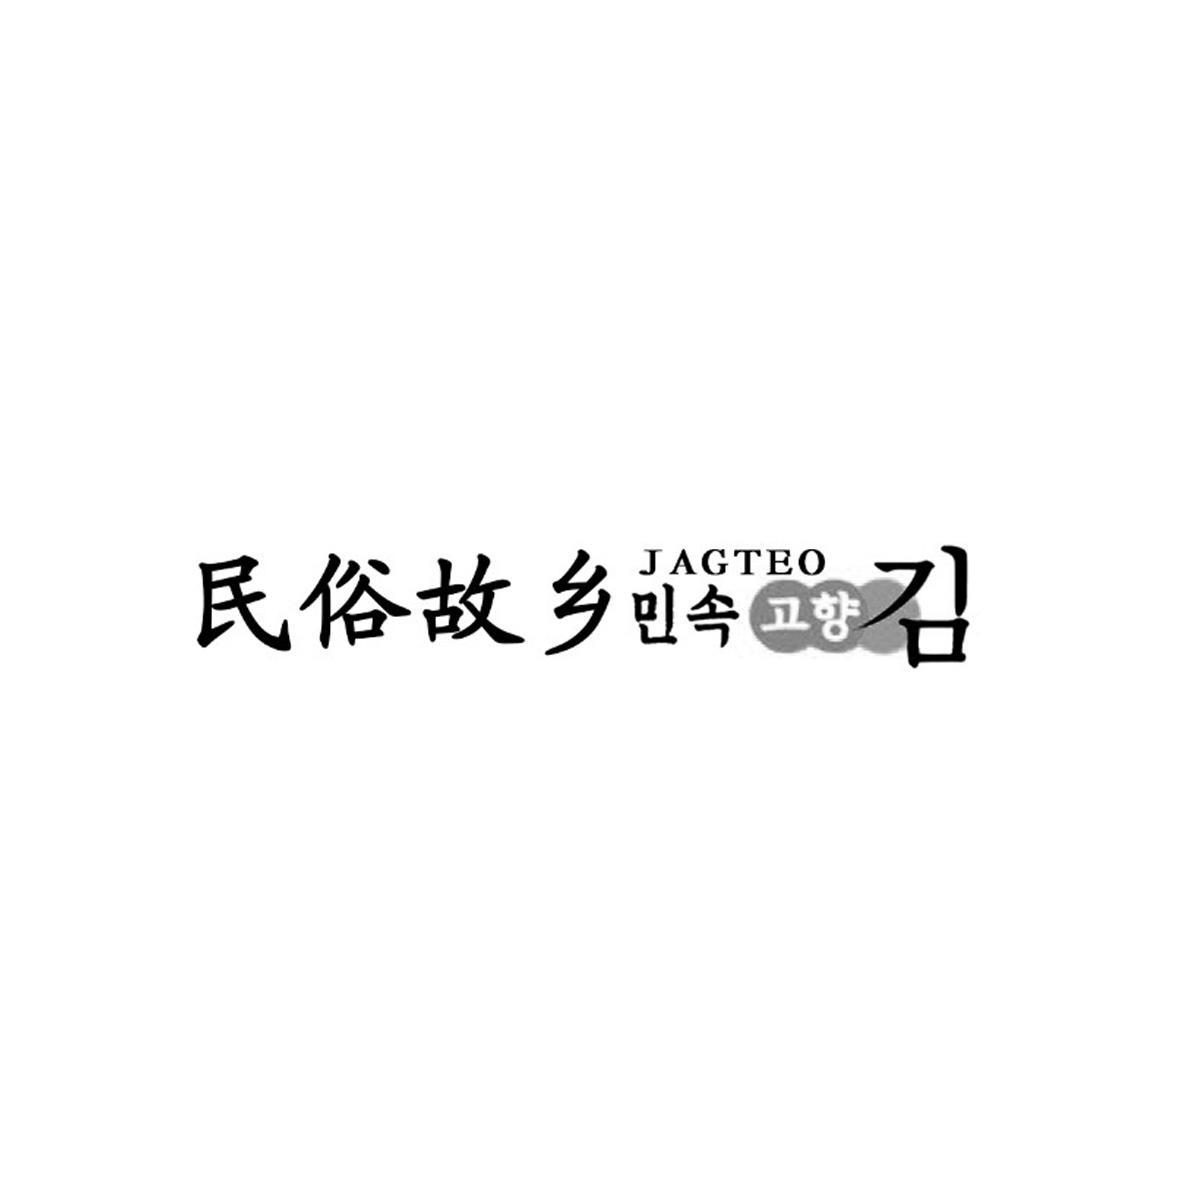 转让商标-民俗故乡 JAGTEO